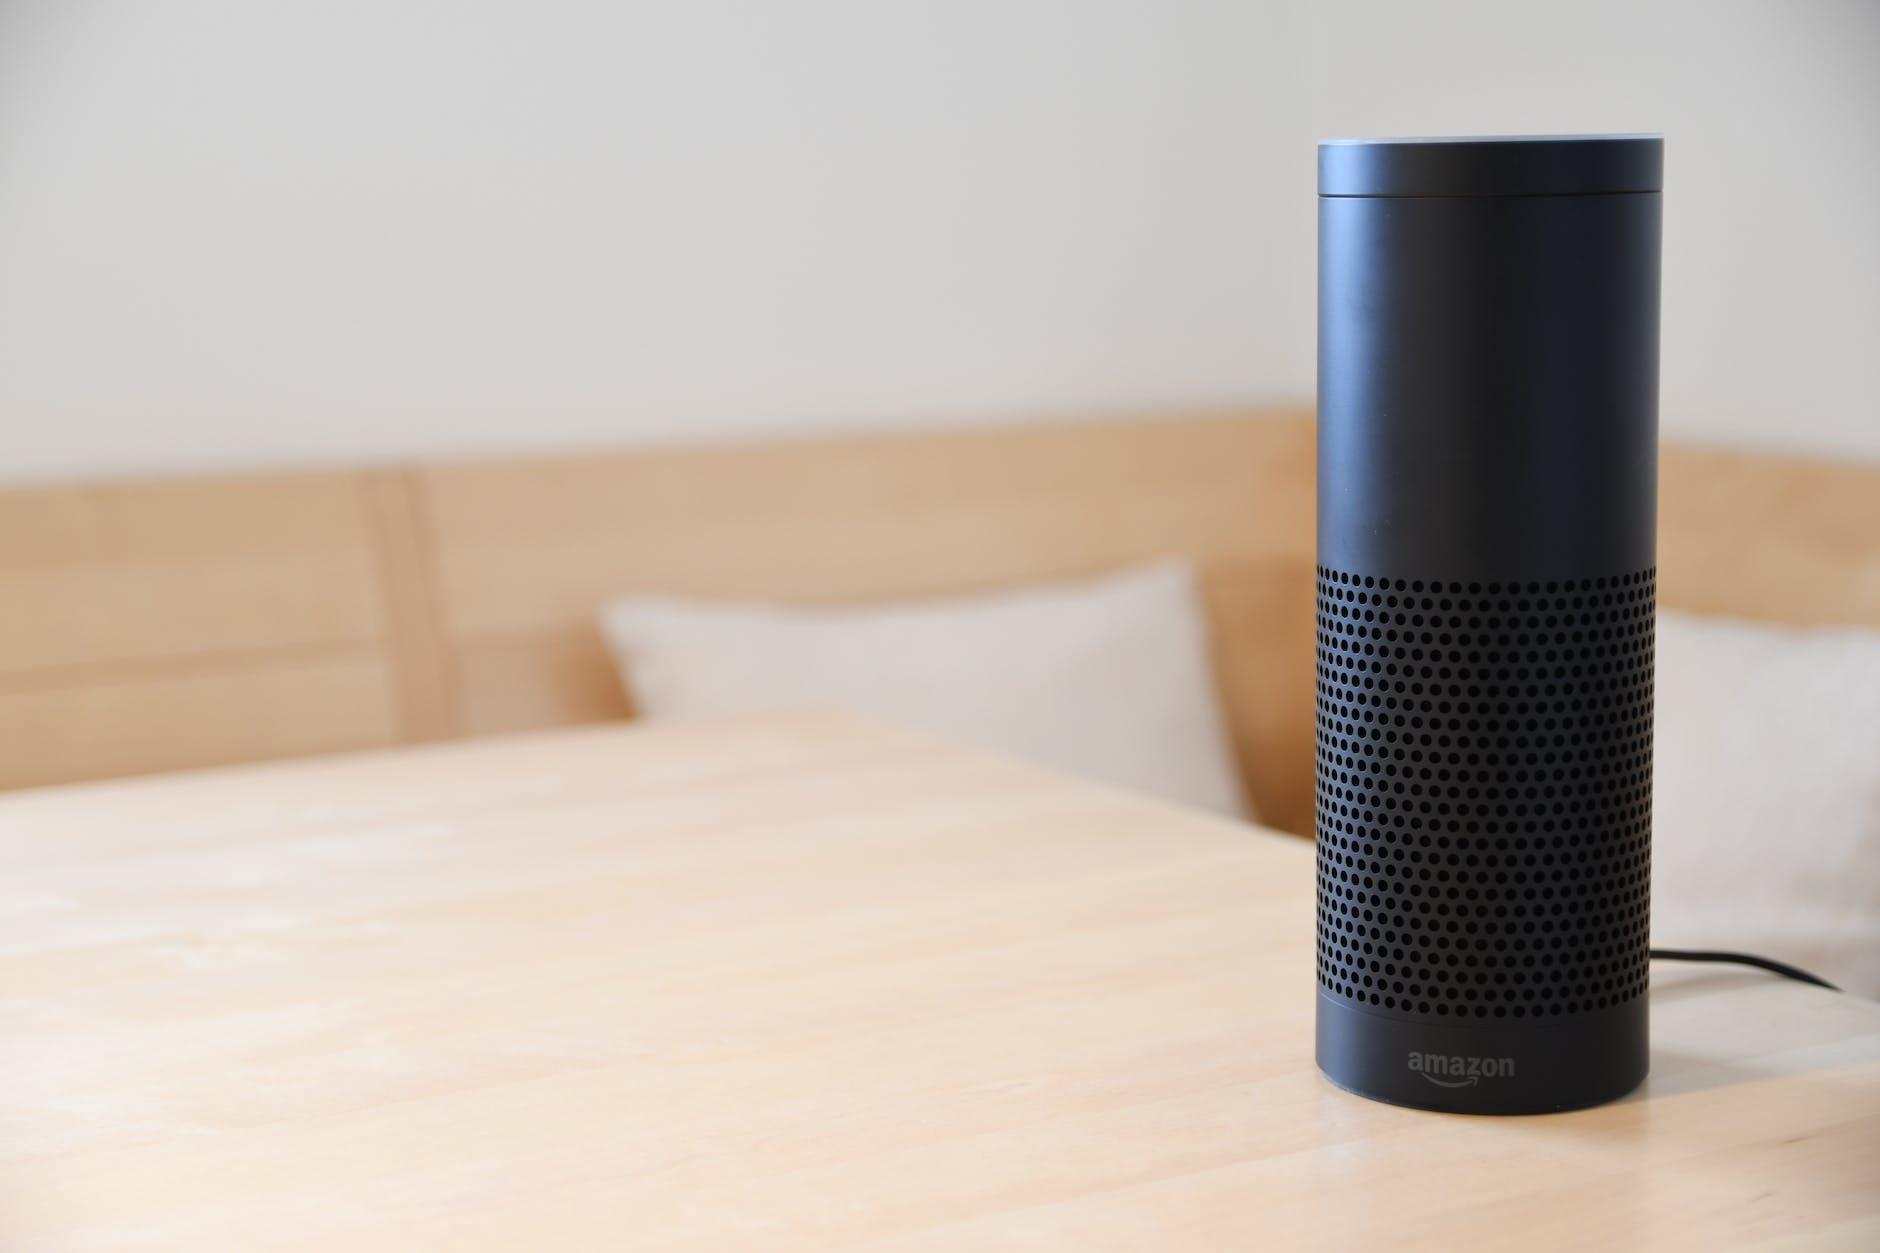 Alexa de Amazon se ha convertido en uno de los asistentes de voz más utilizados por los usuarios